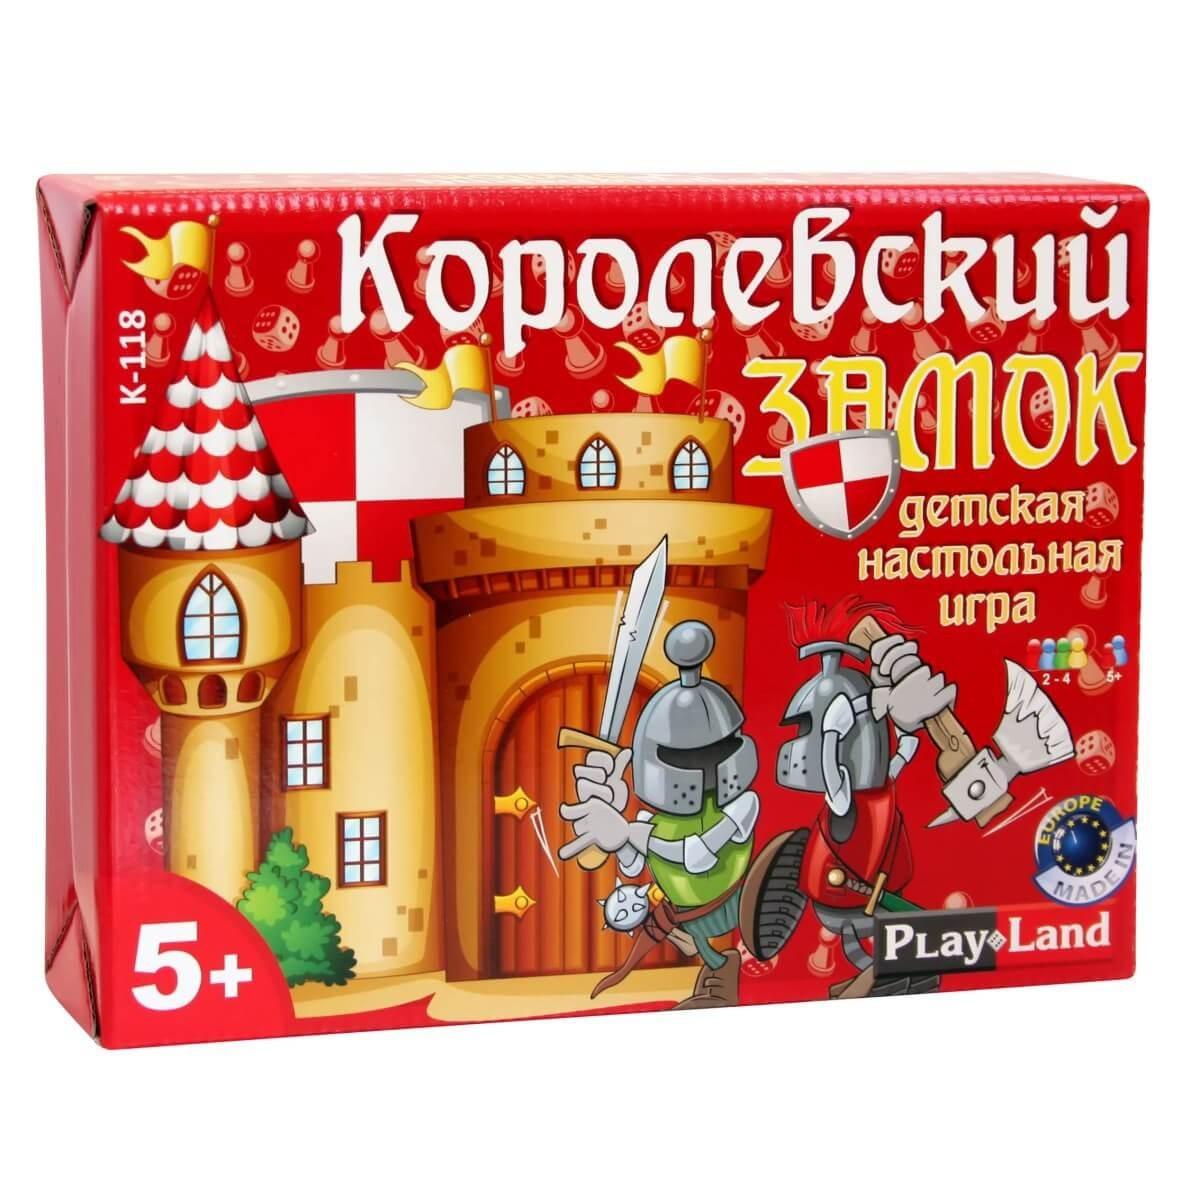 Королевский замок для детей